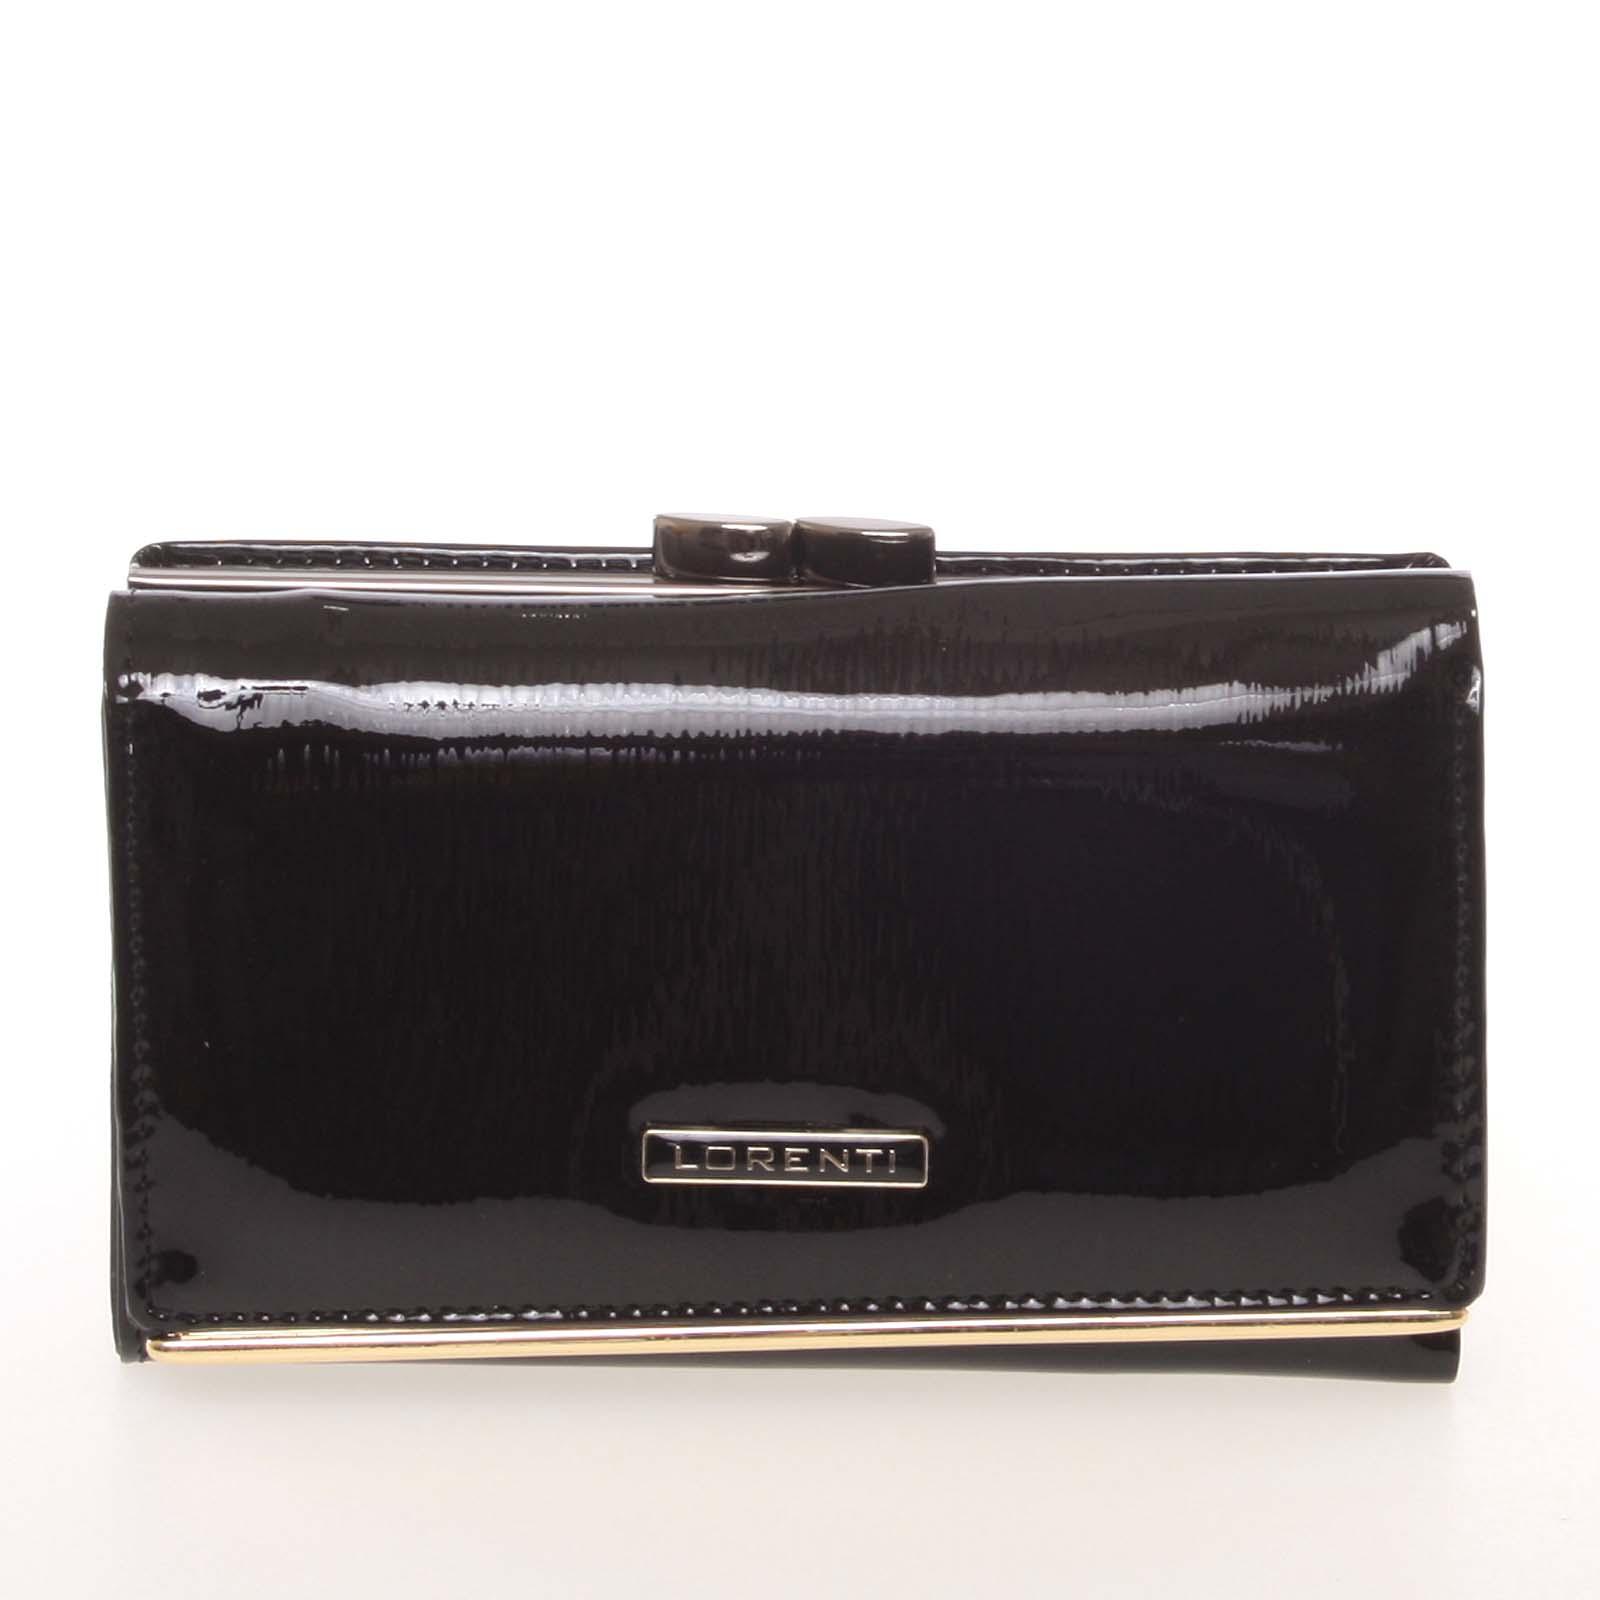 Jedinečná dámská lakovaná kožená peněženka černá - Lorenti 55020SH